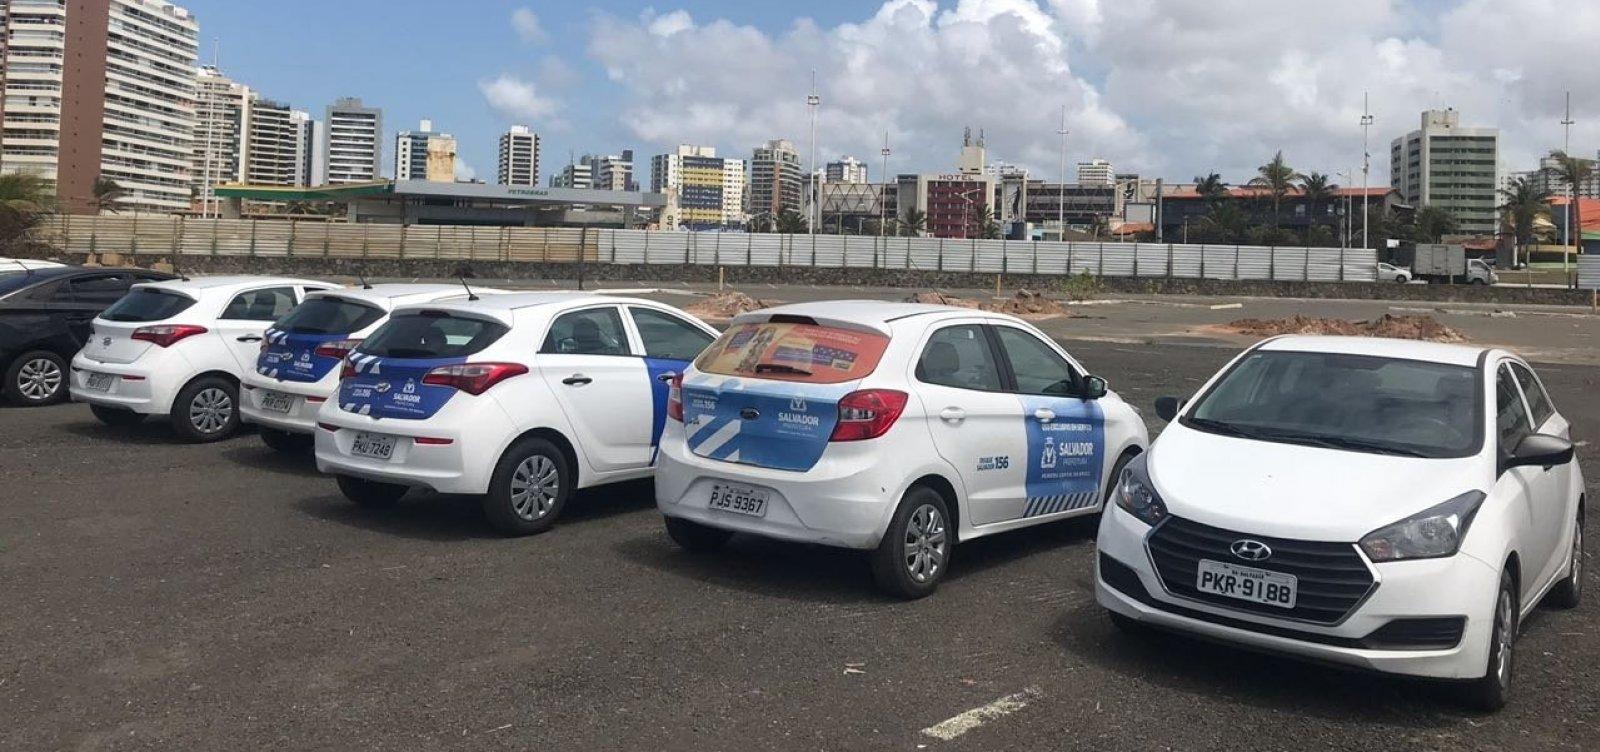 [Carros flagrados em evento de Zé Ronaldo pertencem a empresa contratada pela prefeitura]